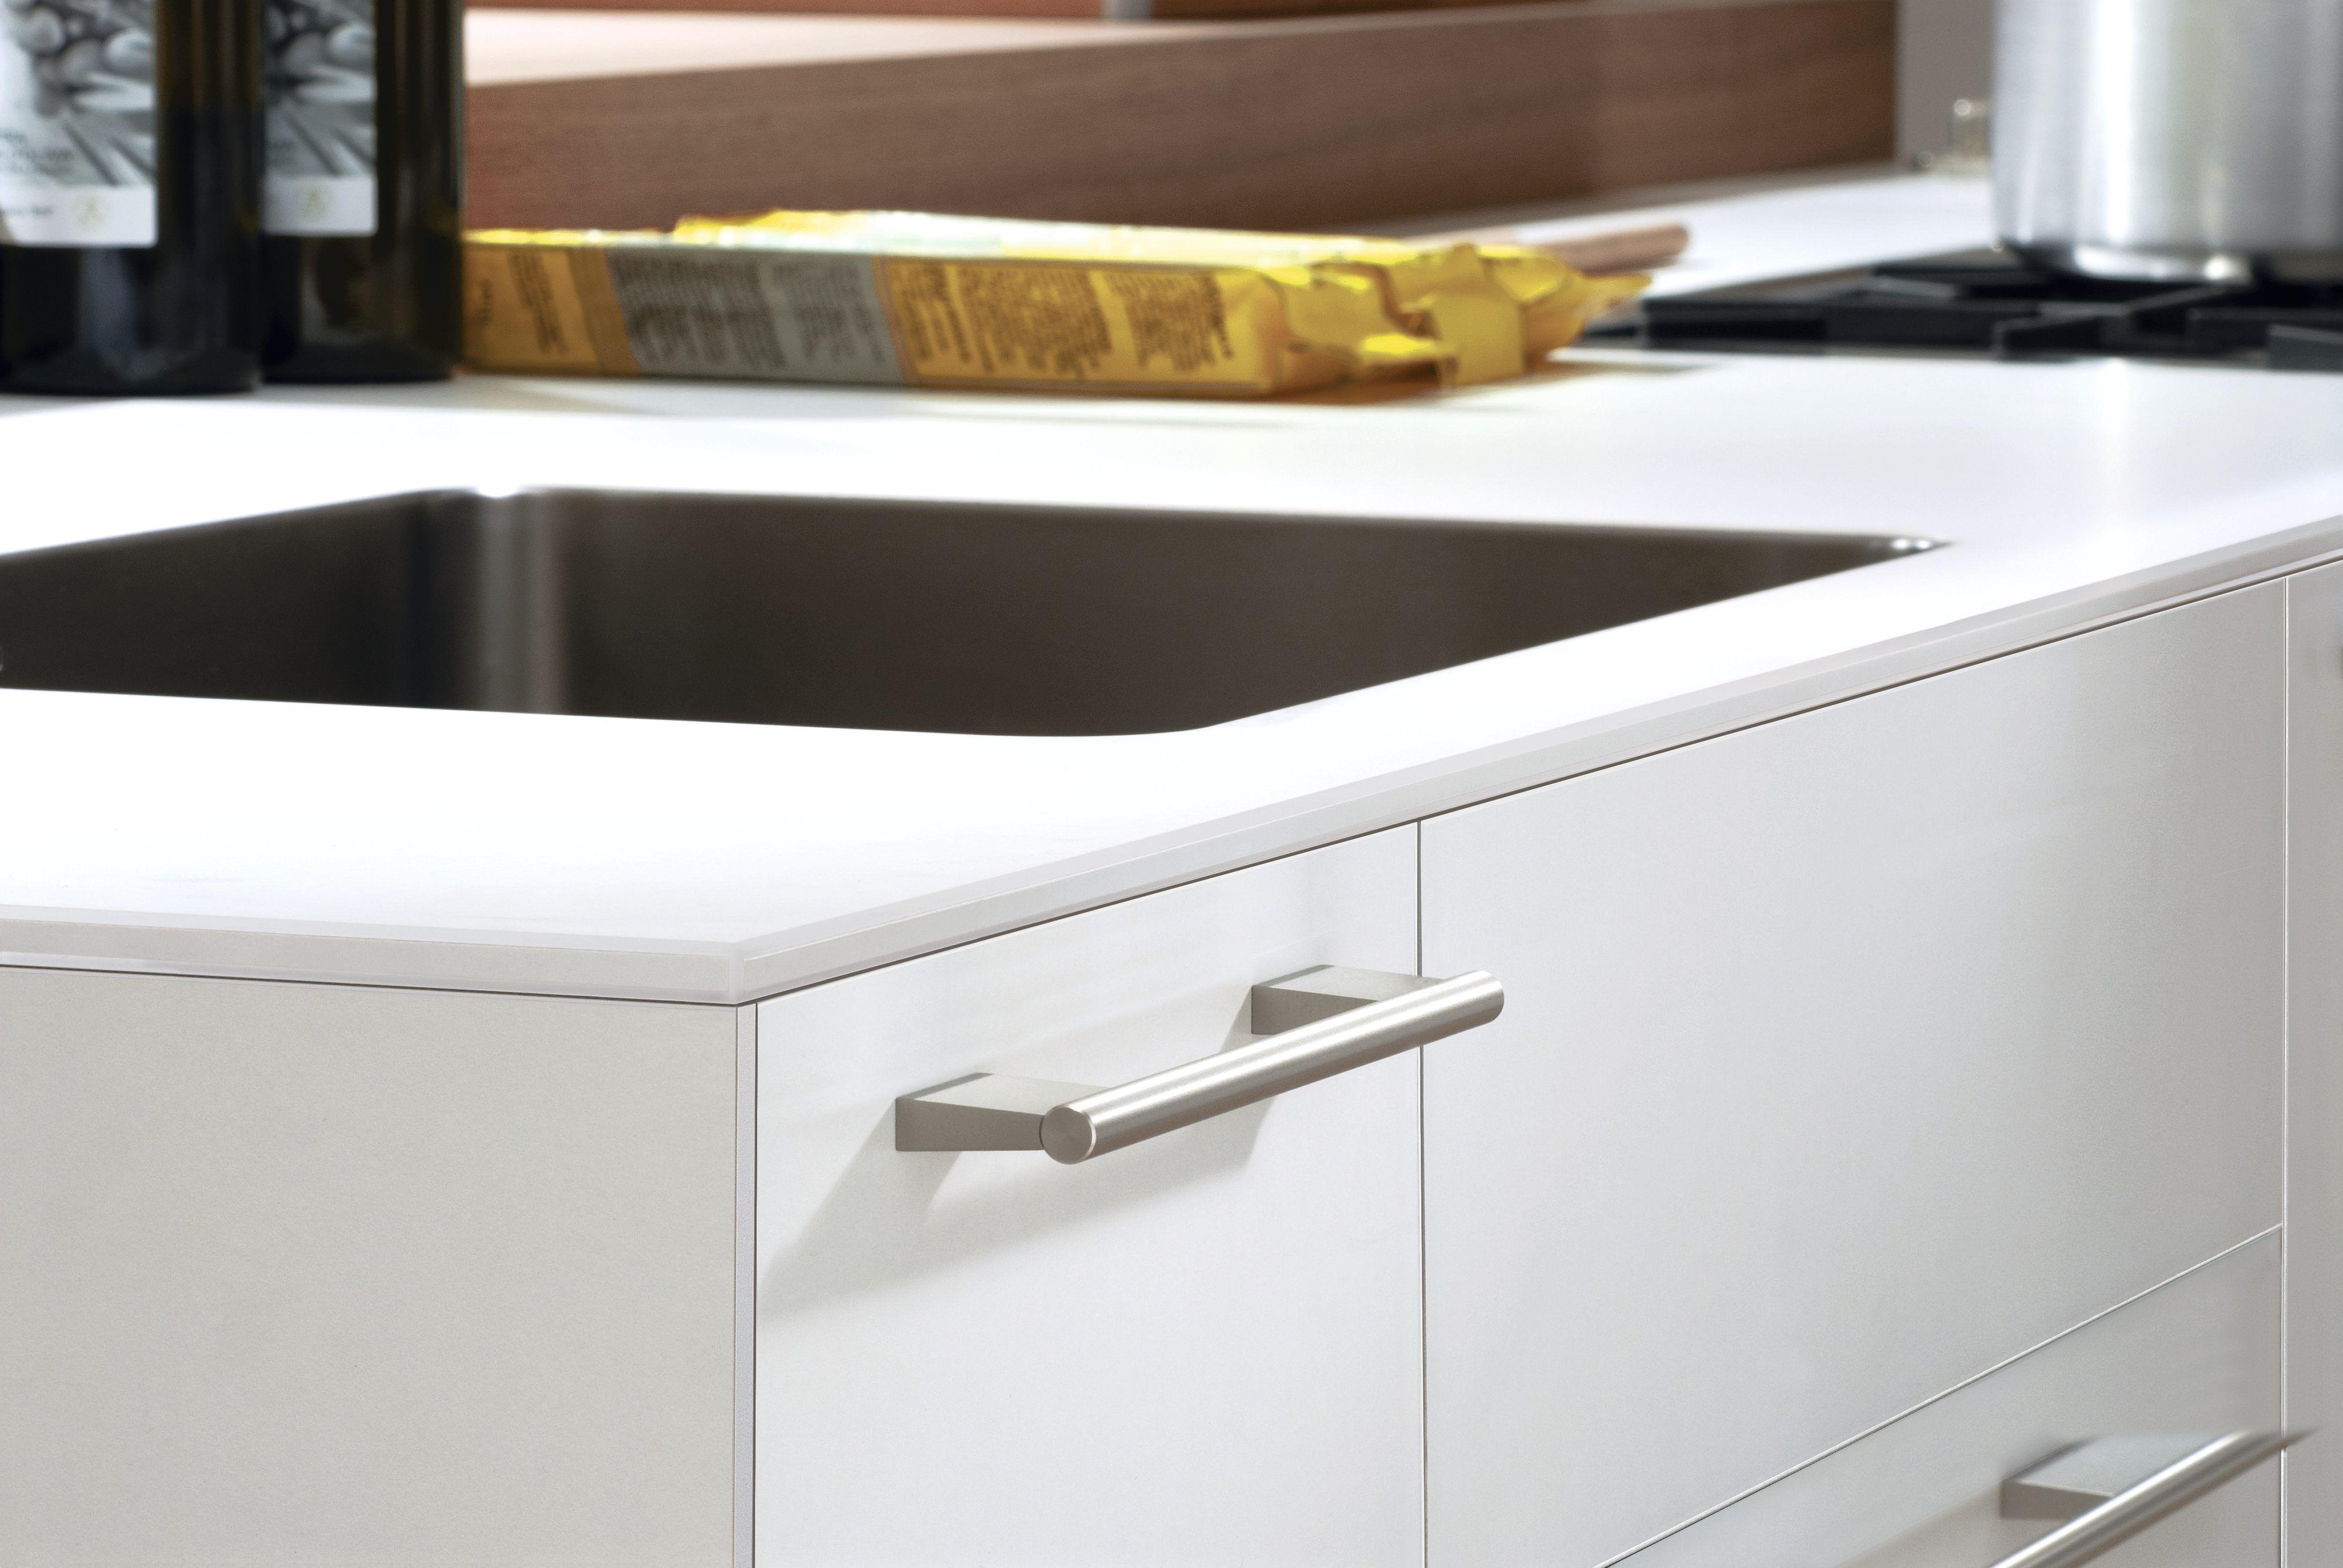 bulthaup cuisine b3 le plan de travail est galement disponible en stratifi sans joints ce. Black Bedroom Furniture Sets. Home Design Ideas